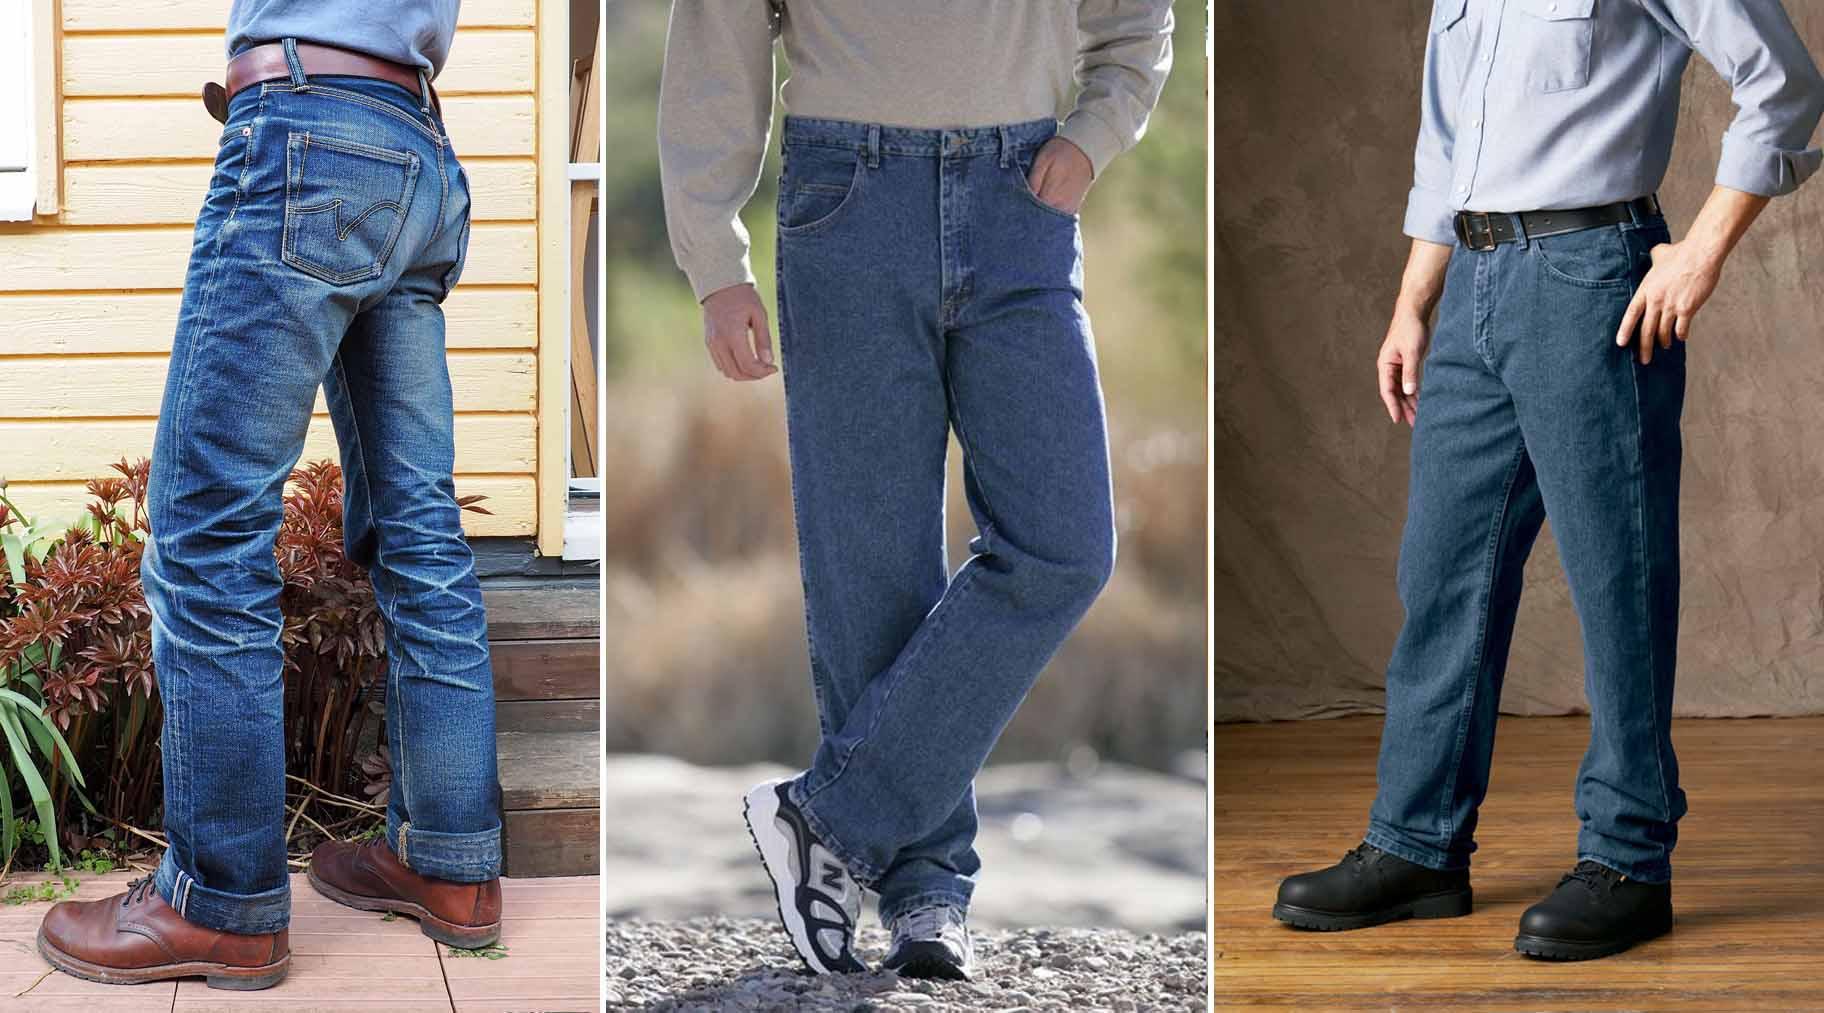 Quần jeans ống côn là loại quần linh hoạt thích hợp mặc ở hầu hết các sự kiện khác nhau mà không sợ lỗi thời